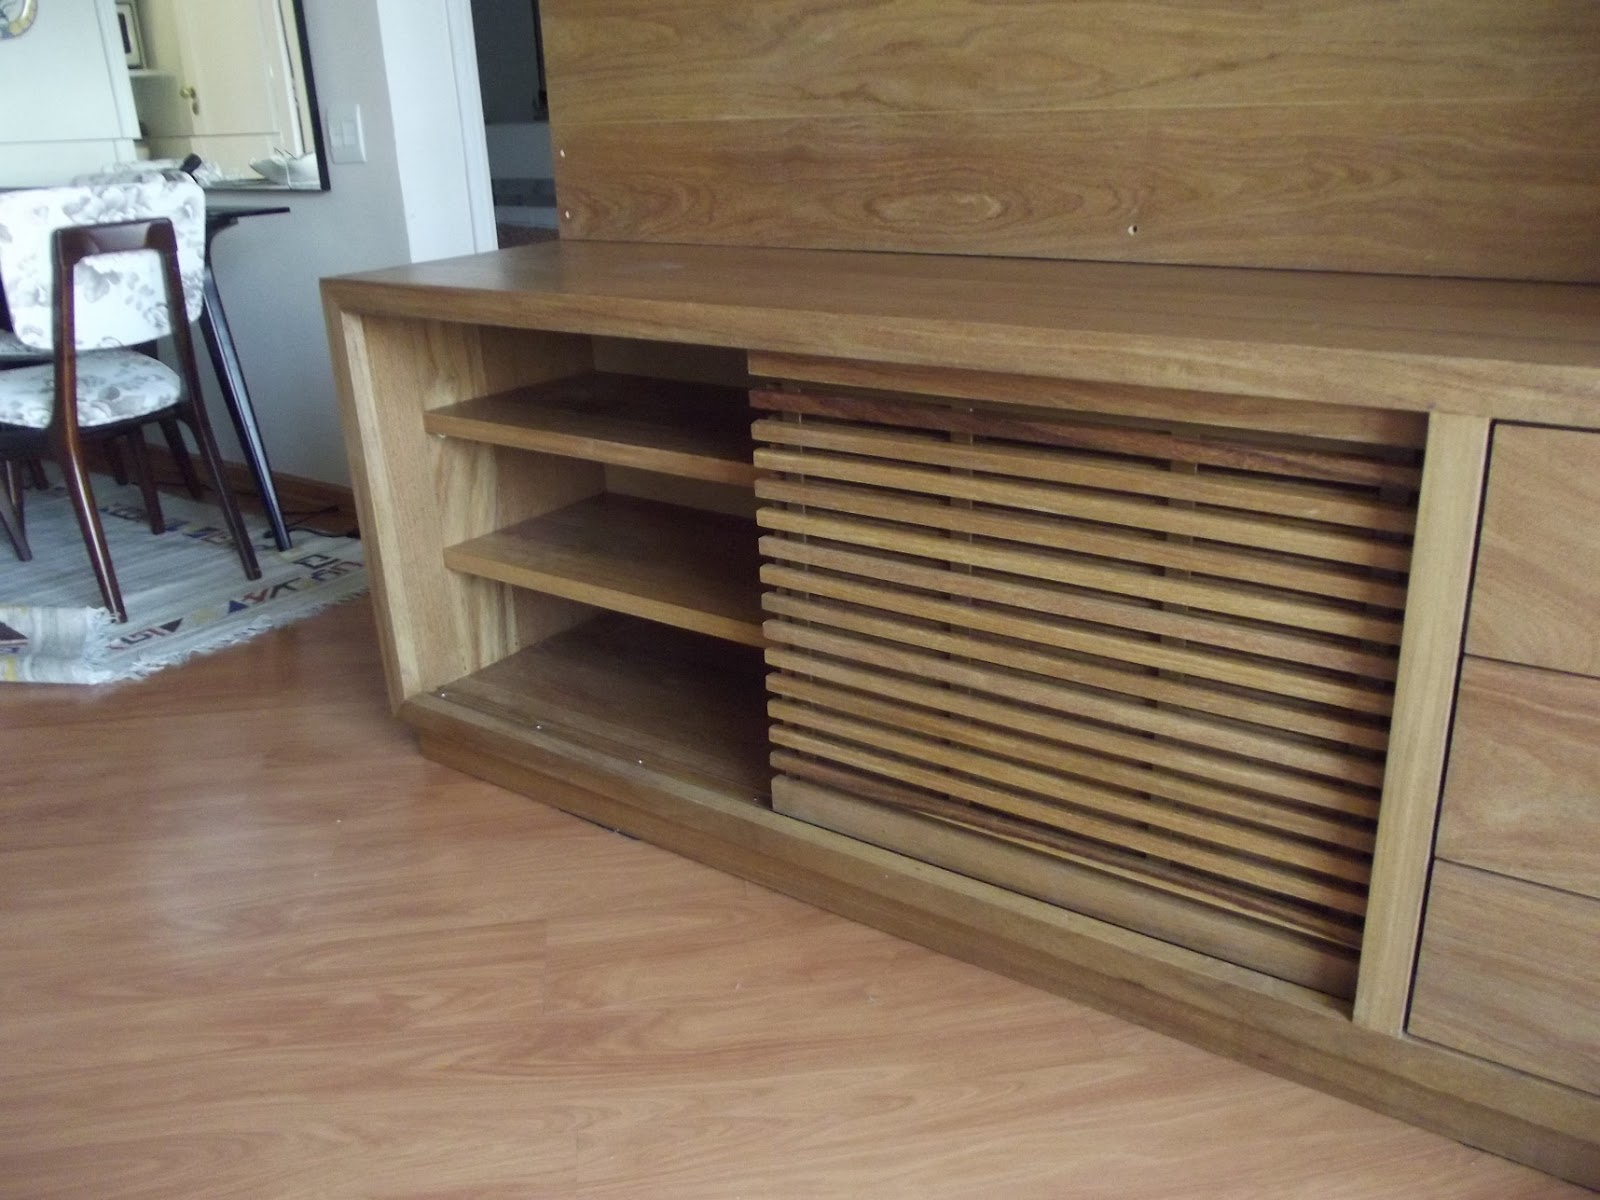 EM MADEIRA MACIÇA E MOVEIS SOB MEDIDA: Rack e painel em madeira  #644C39 1600x1200